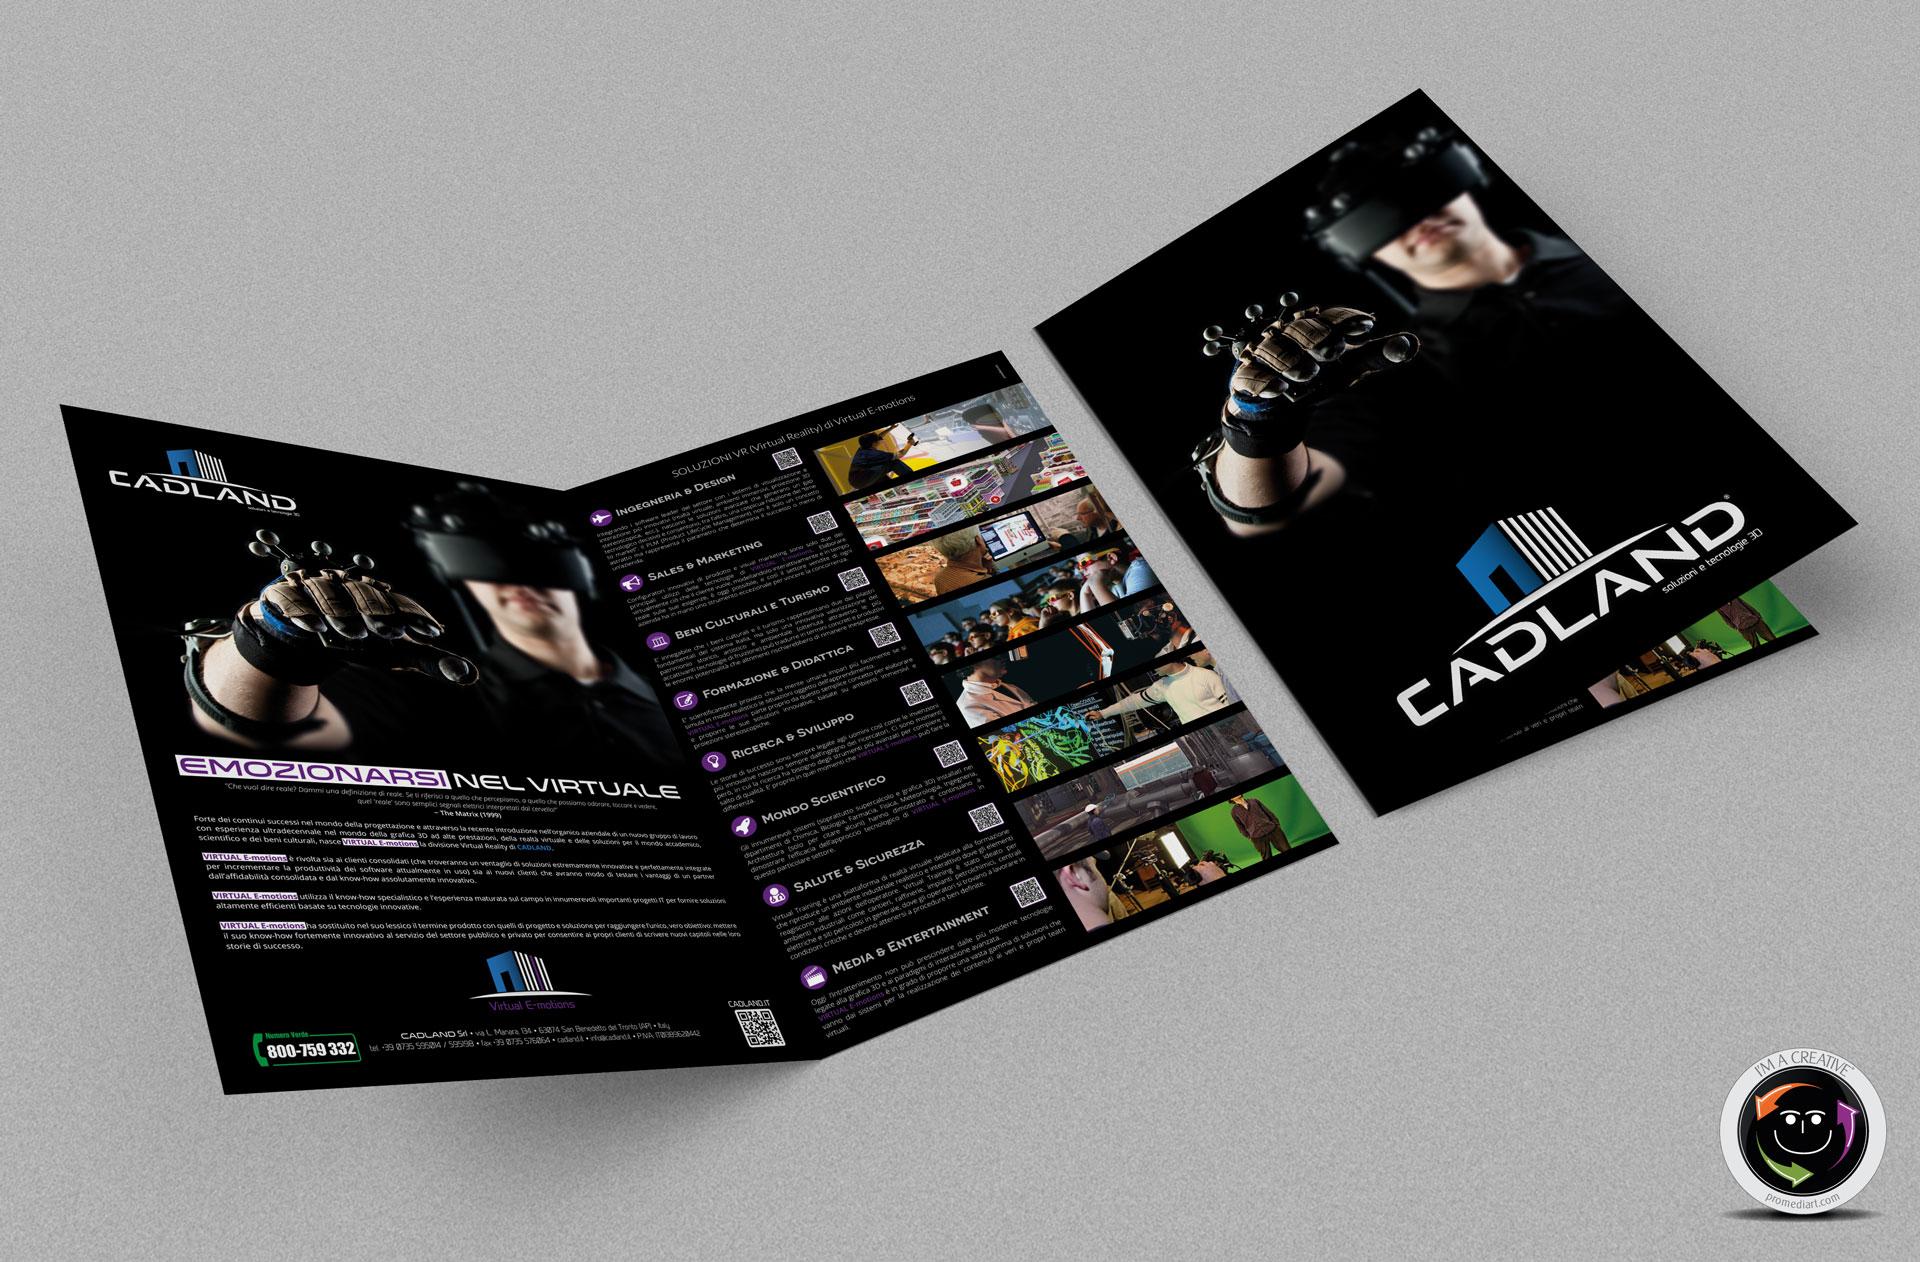 CADLAND_VR_Brochure_CompanyProfile